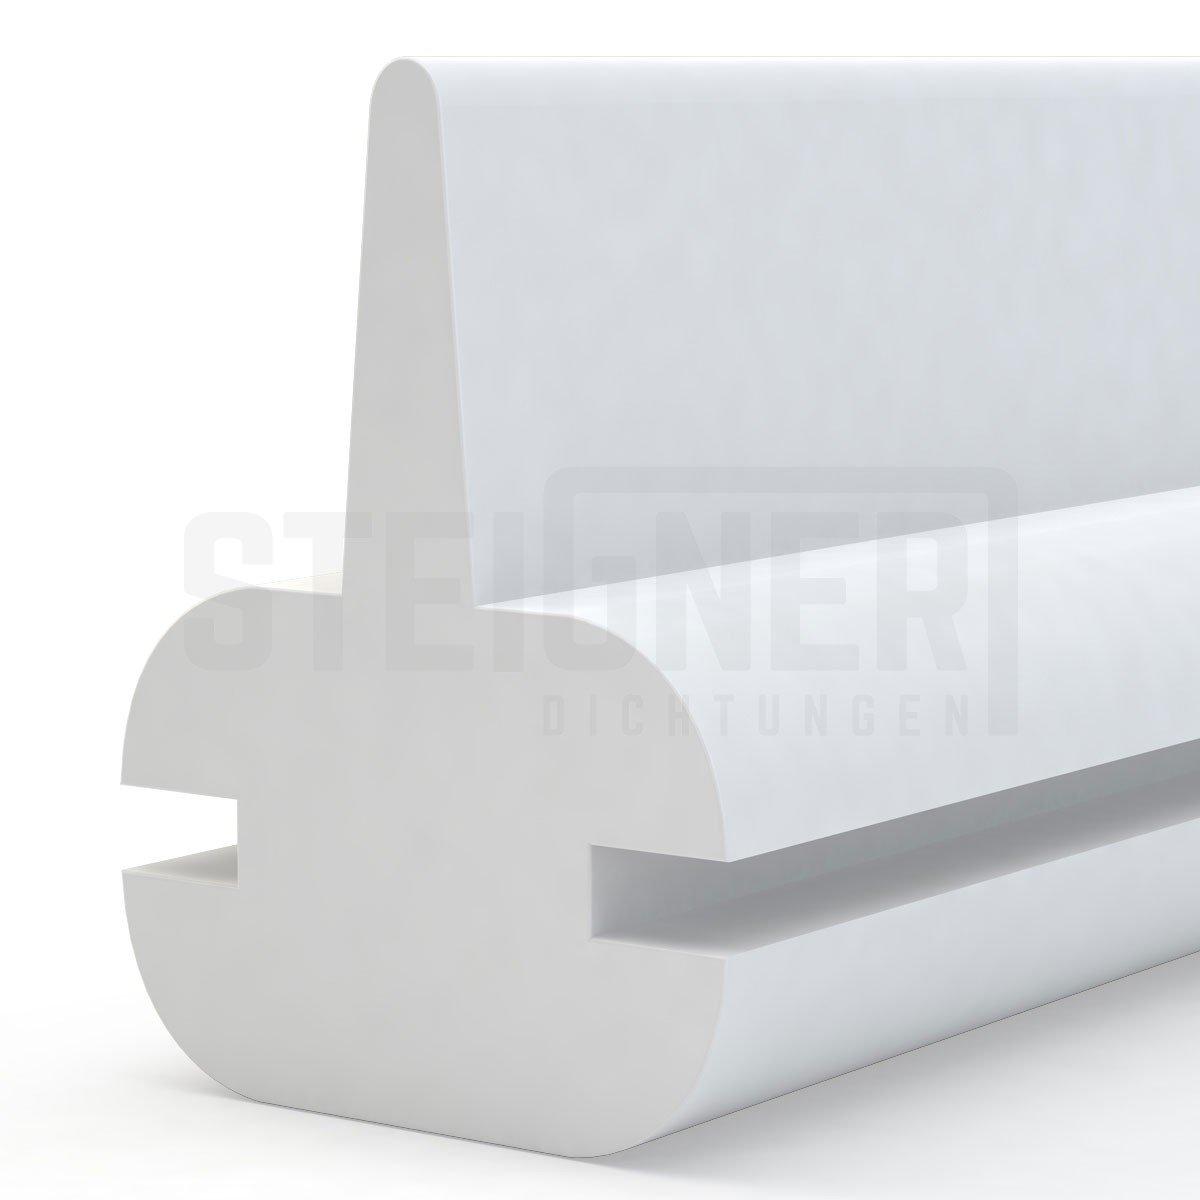 Junta de silicona para puerta de mampara de ducha, lengüeta de goma: Amazon.es: Bricolaje y herramientas